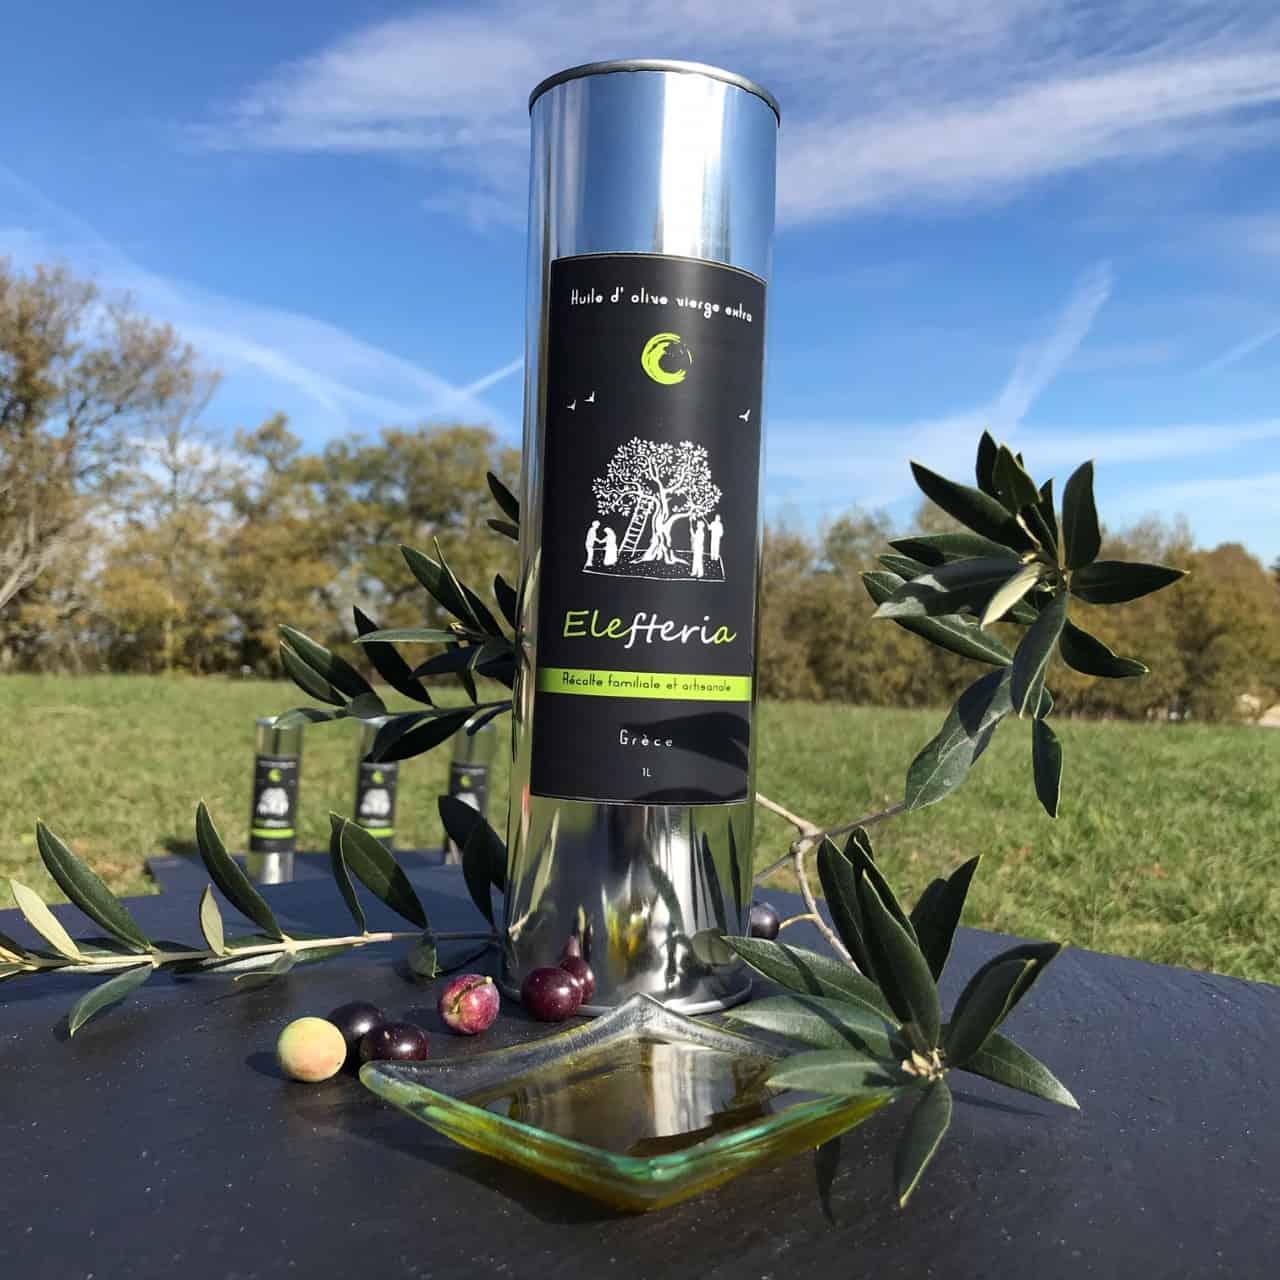 Elefteria-huile d'olive de Grèce